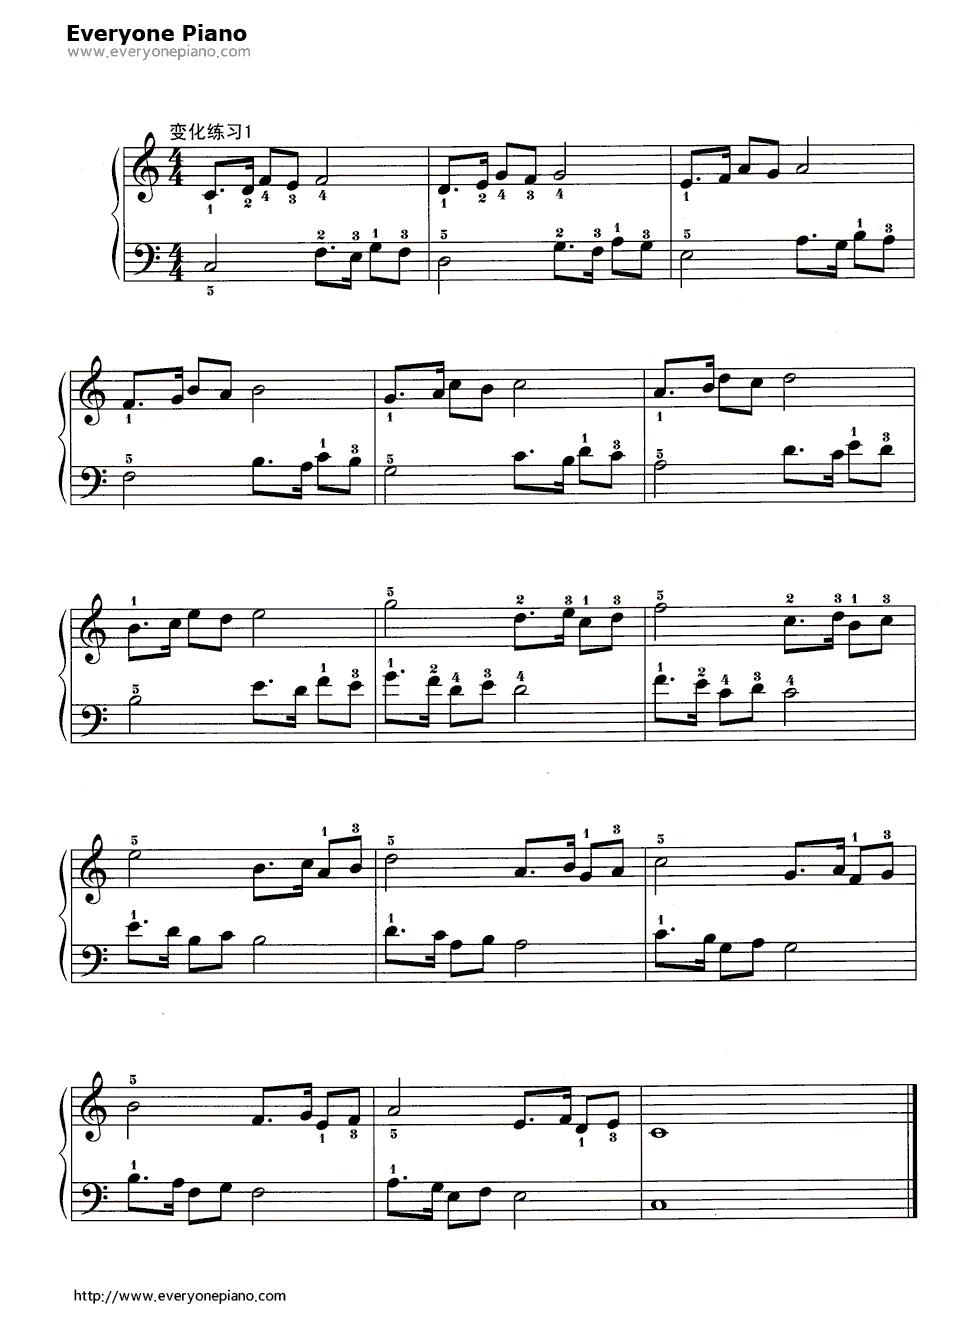 哈农基本练习14五线谱预览2-钢琴谱(五线谱,双手简谱)图片